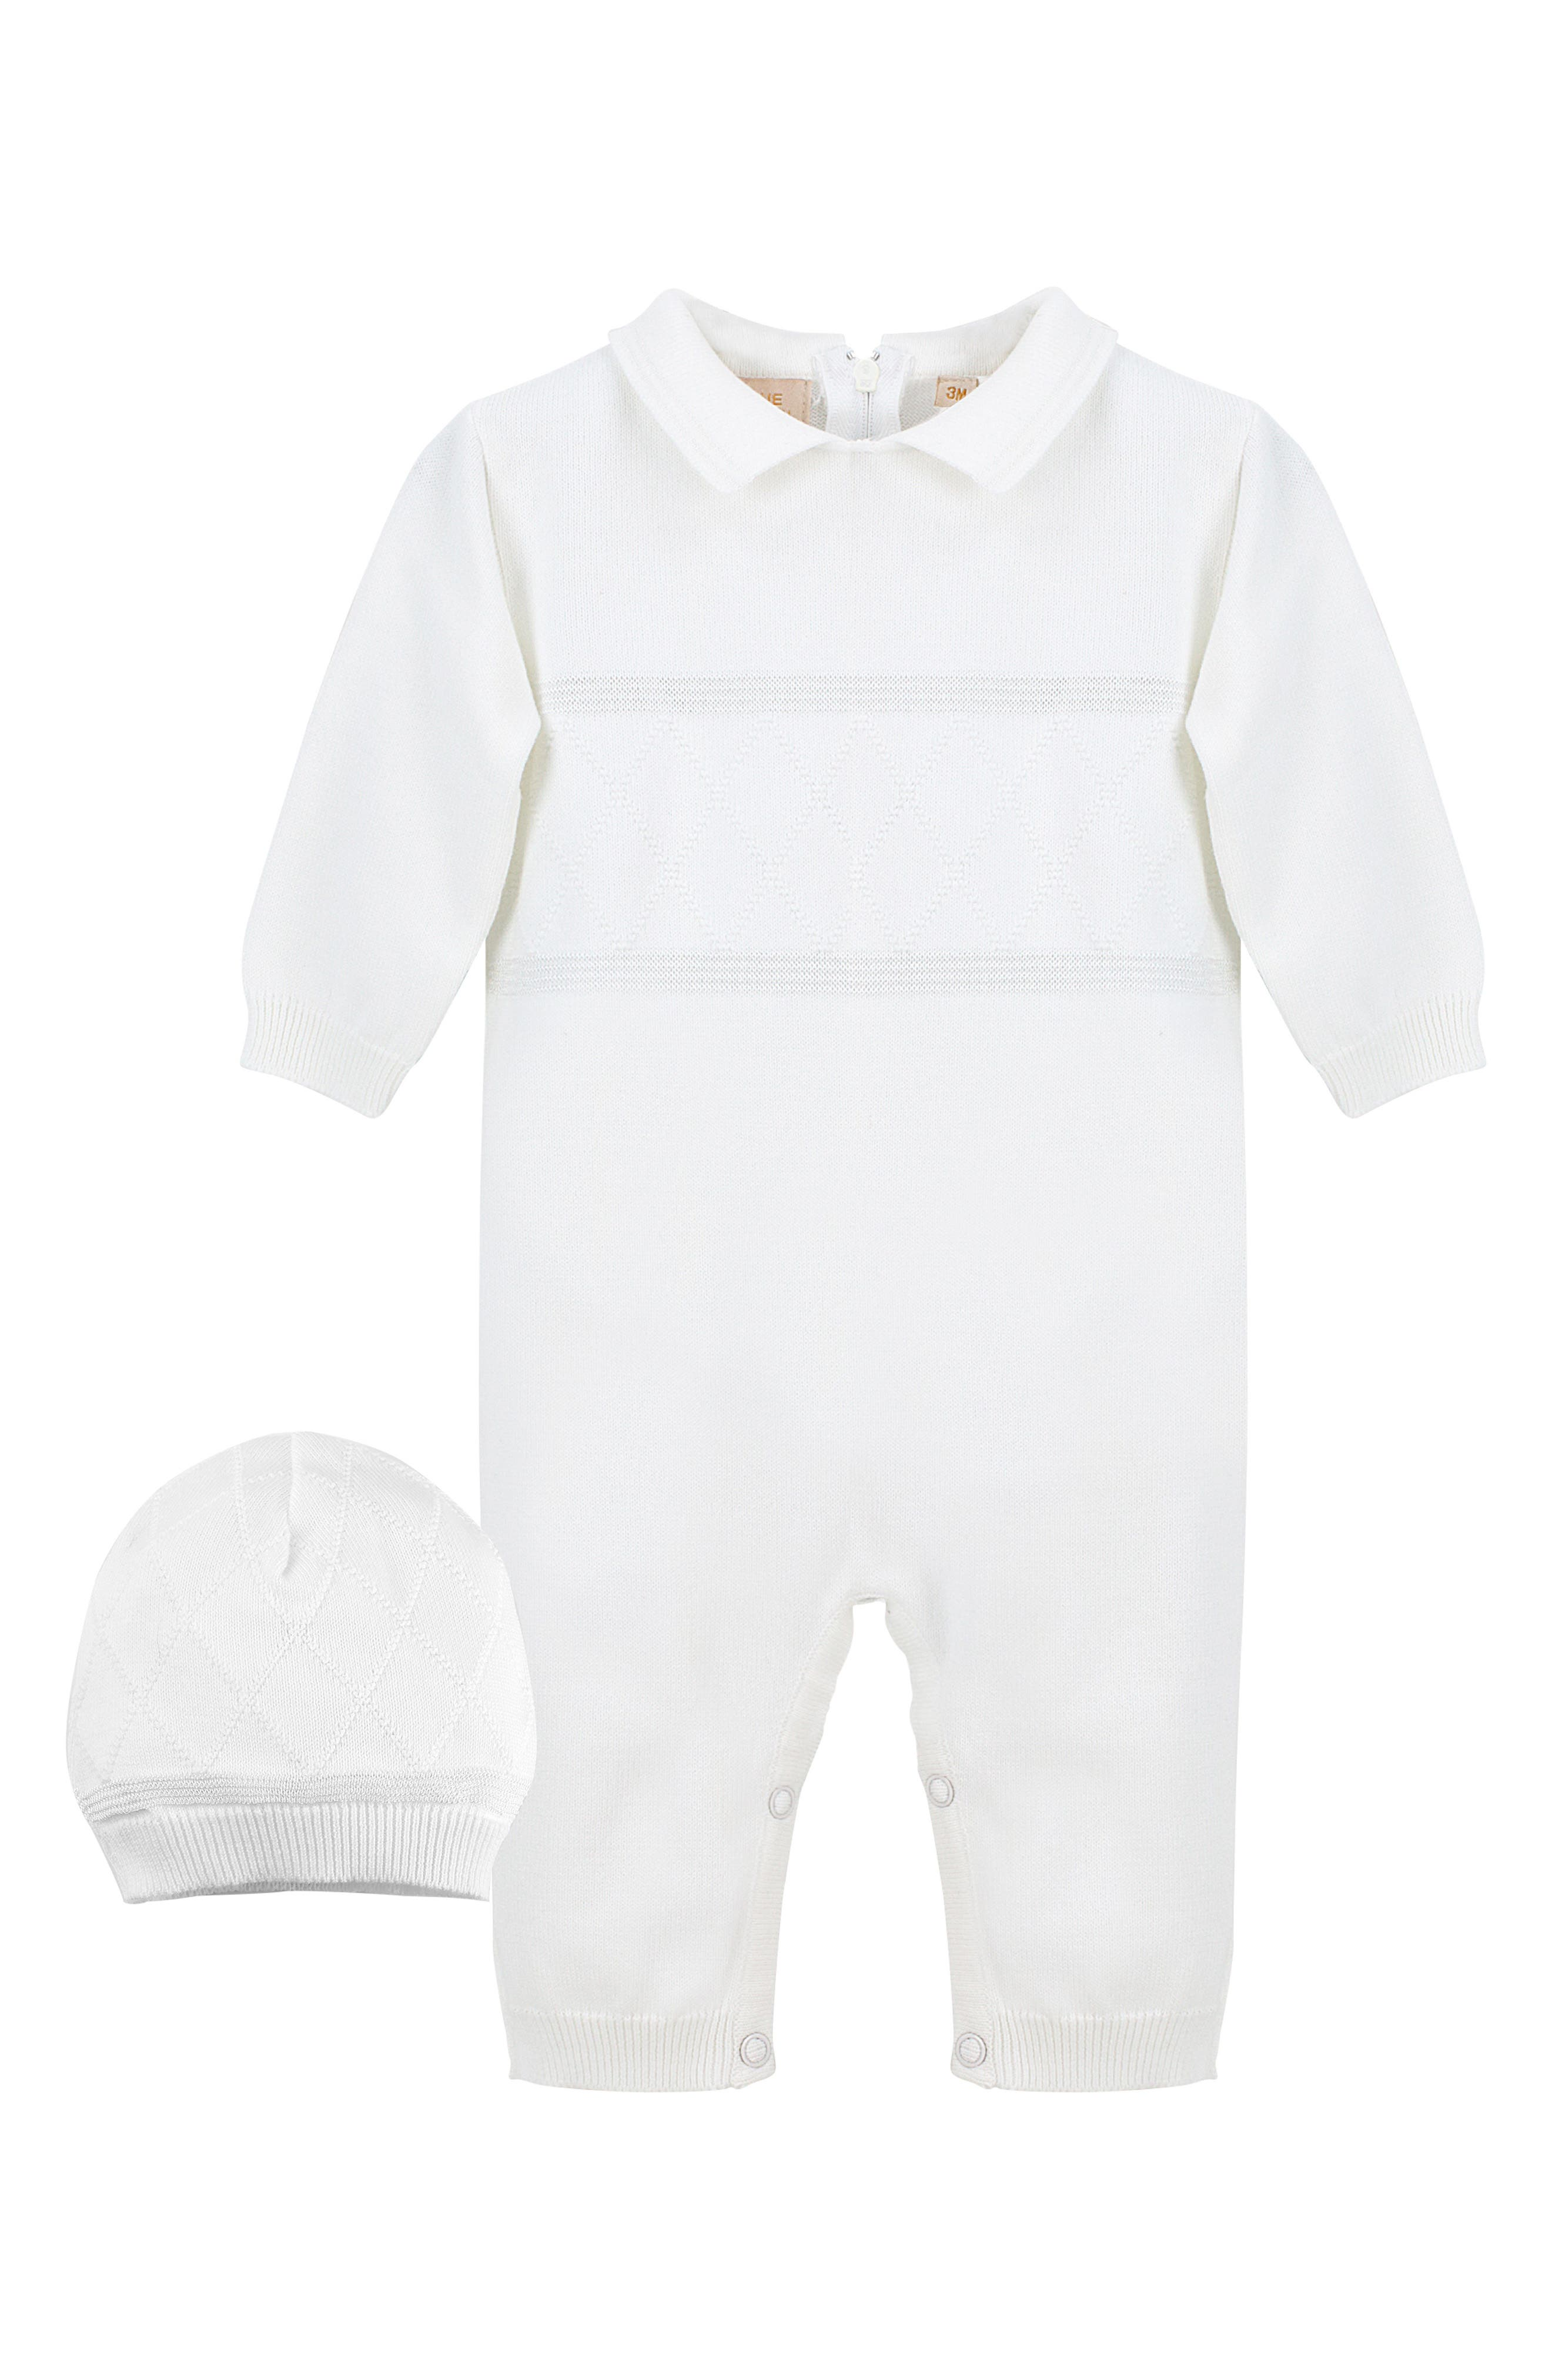 BABIDU Baby Christening Gown